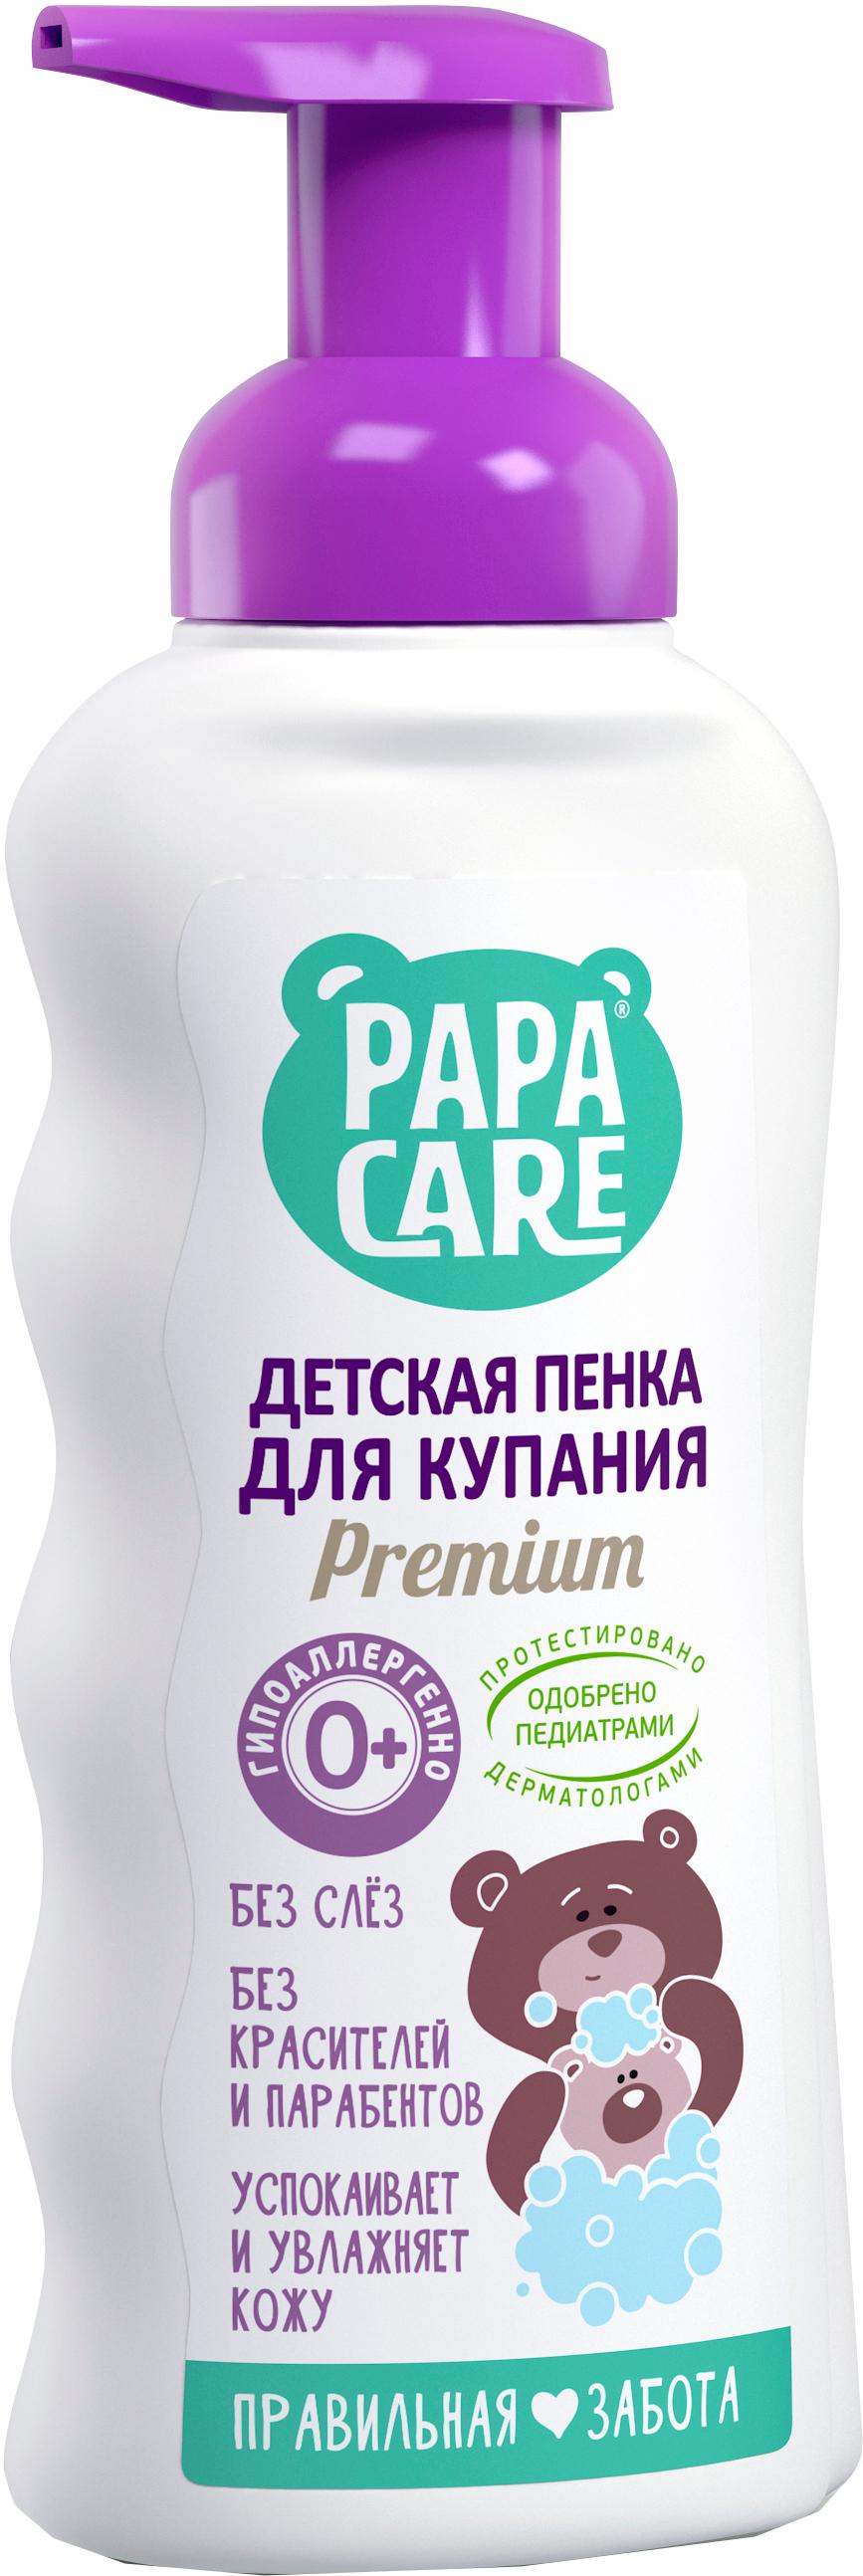 Купить Гели и пенки, Papa Care 250 мл, Россия